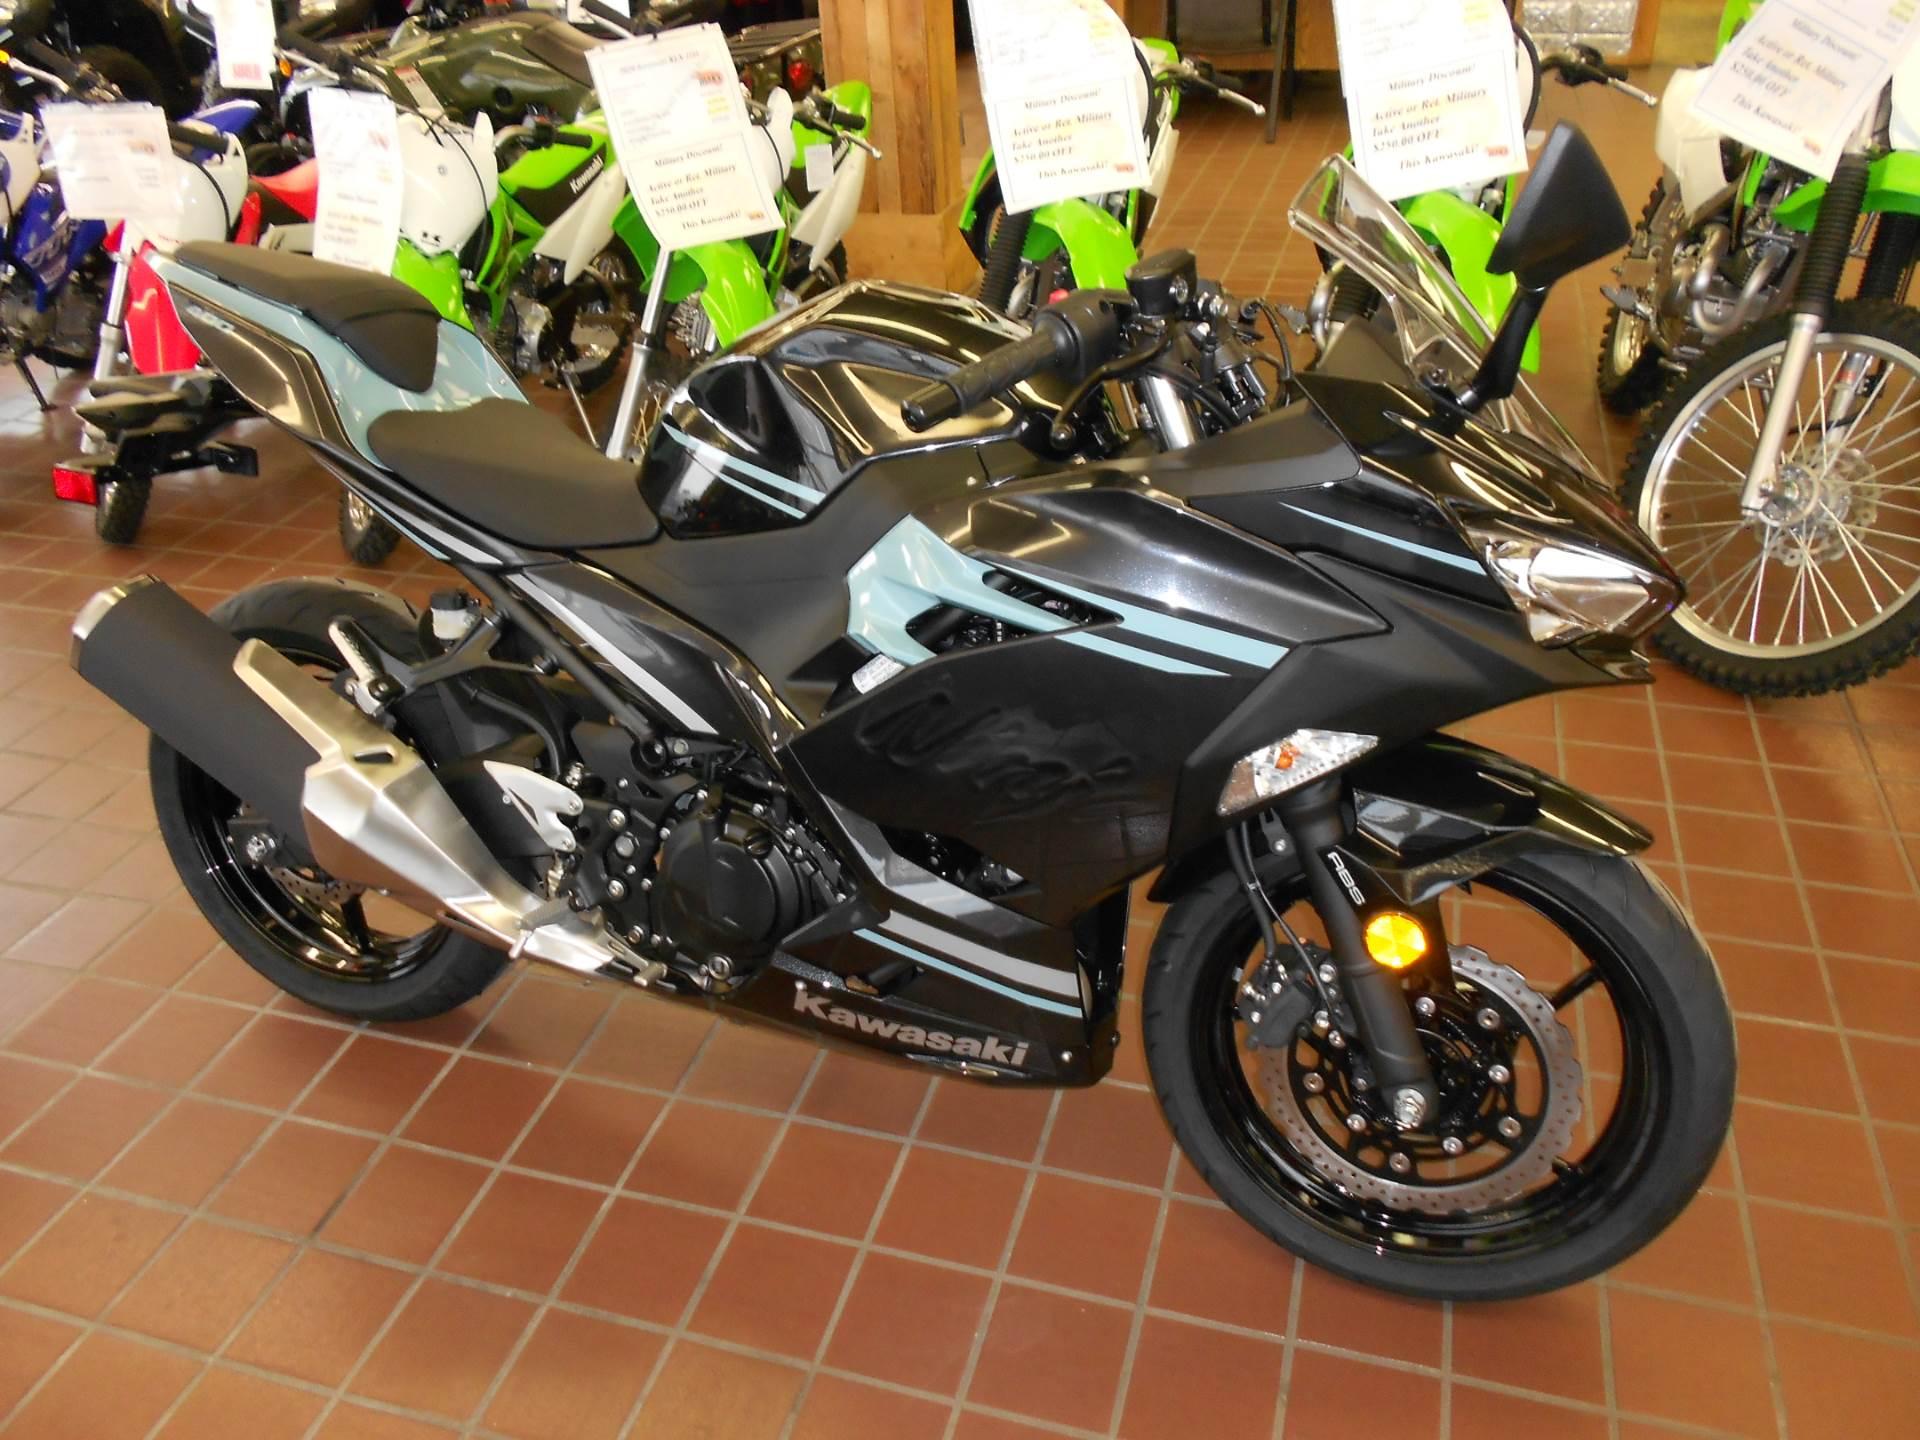 2020 Kawasaki Ninja 400 ABS for sale 225967